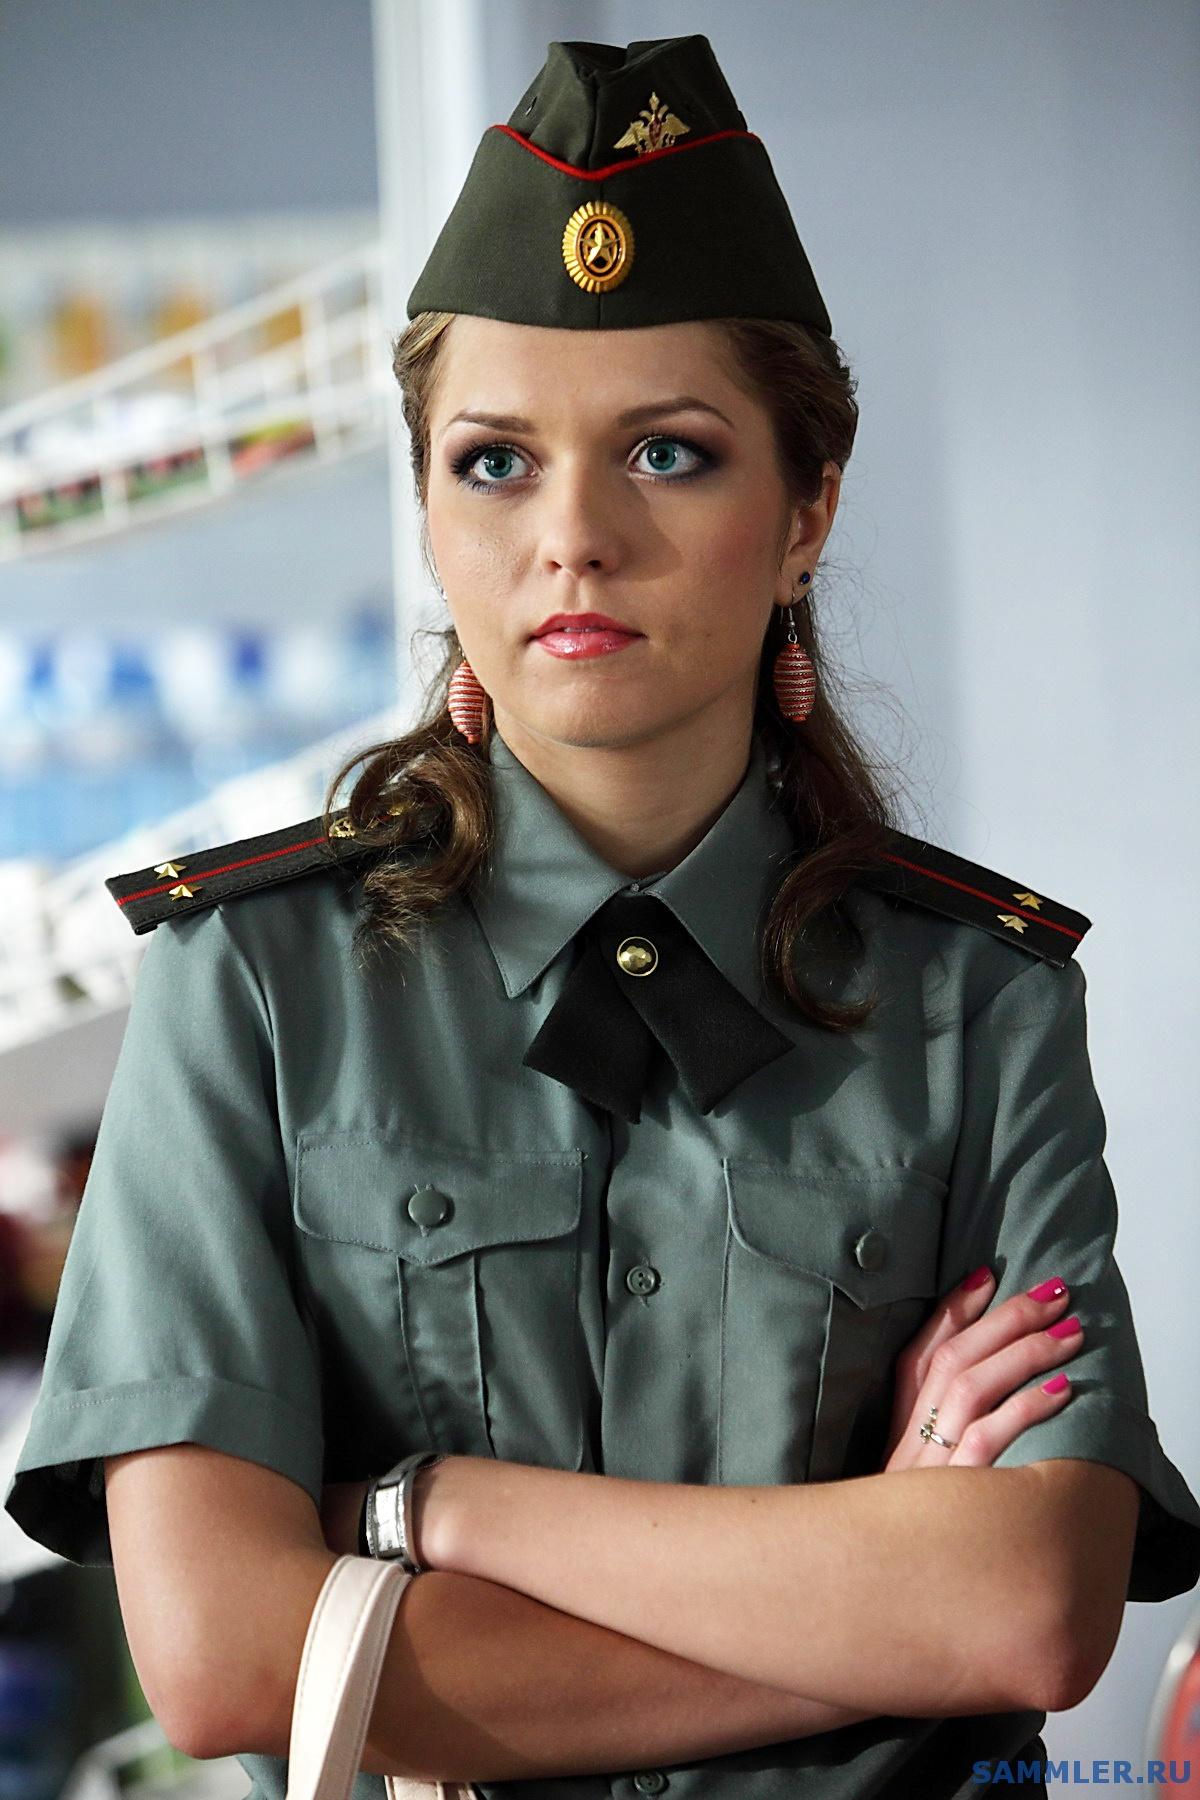 спаситель уже красивый девки в военной форме красивые упругие попки